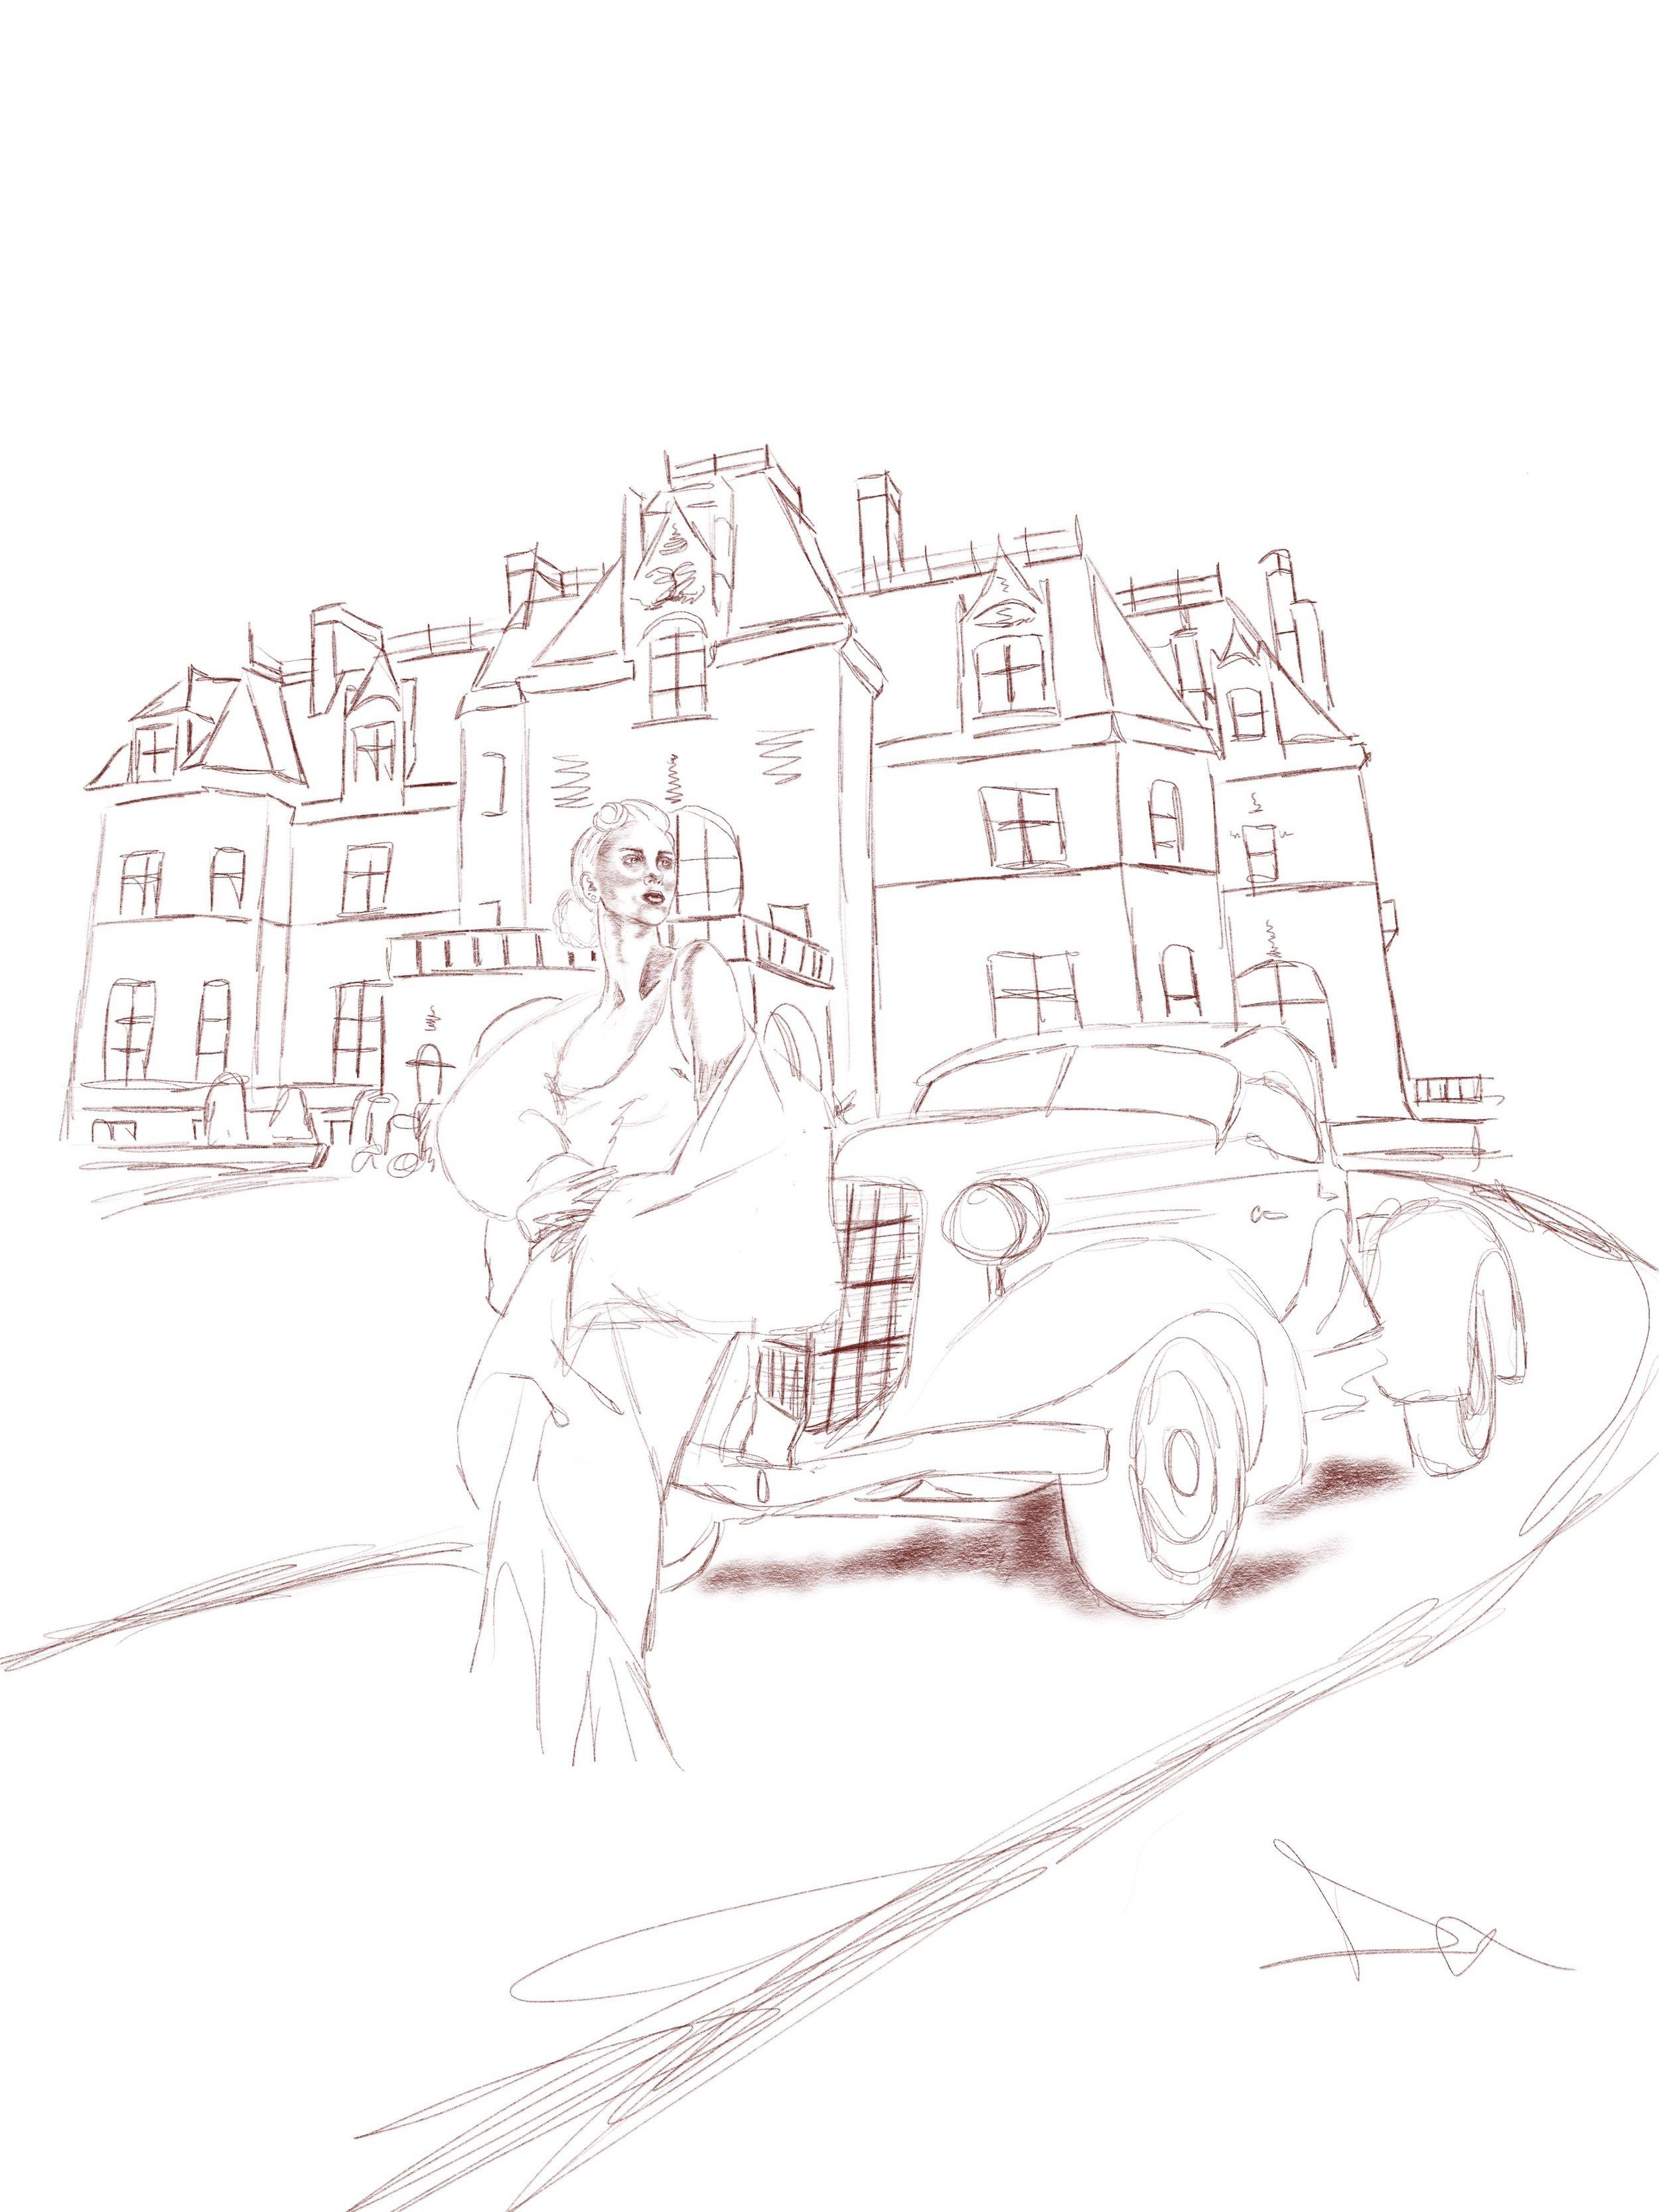 Gala Card Rough Sketch